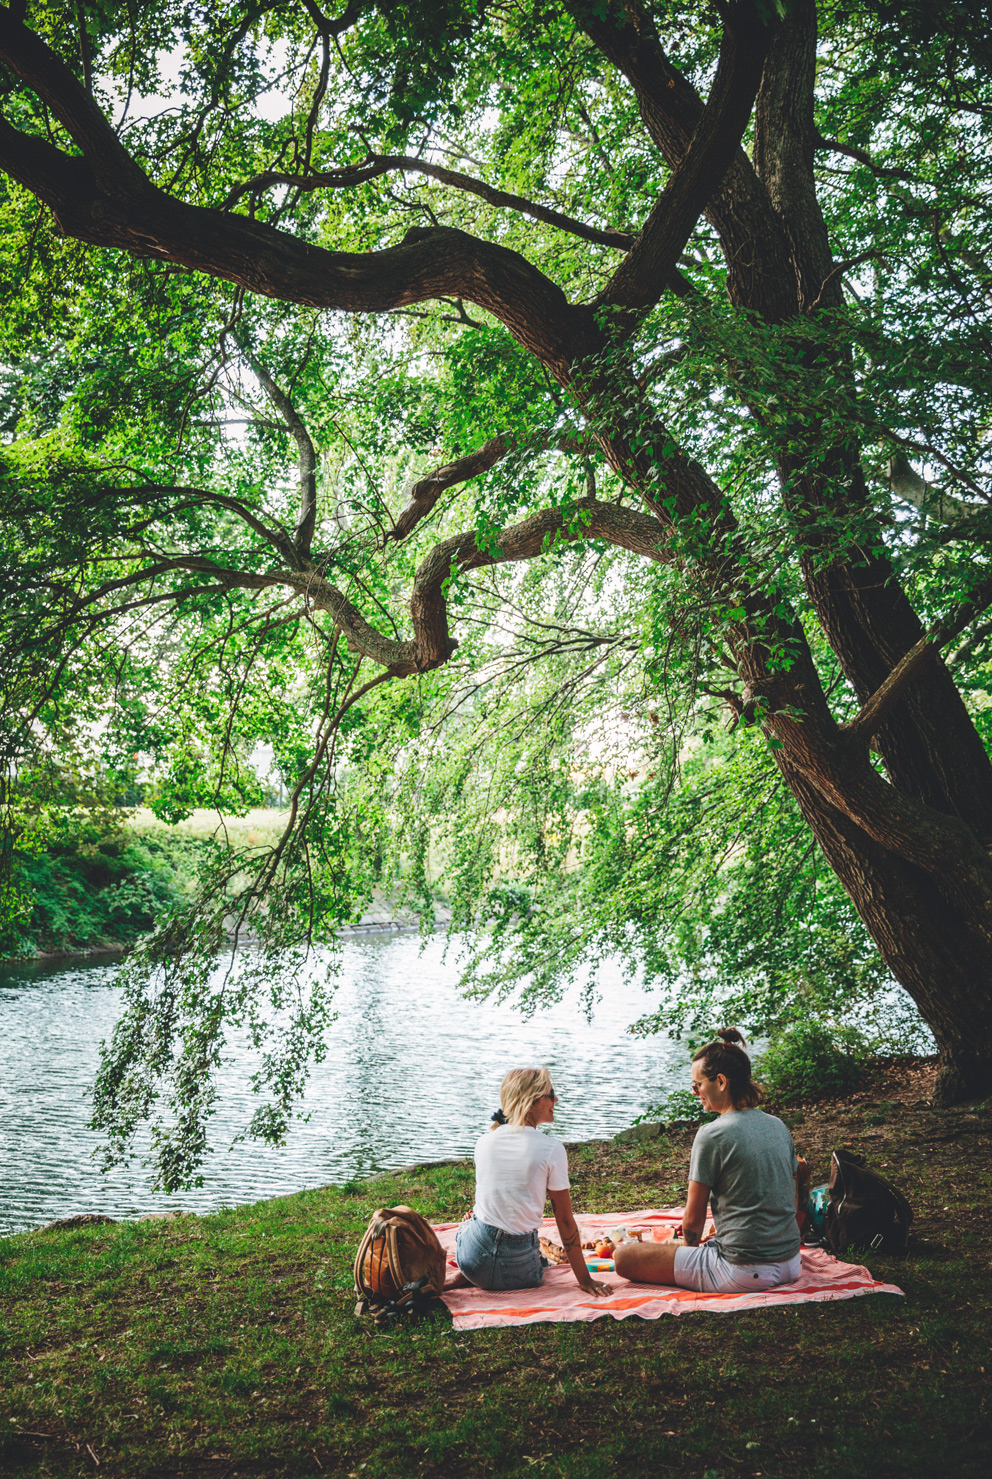 picnicny_s6473-2.jpg